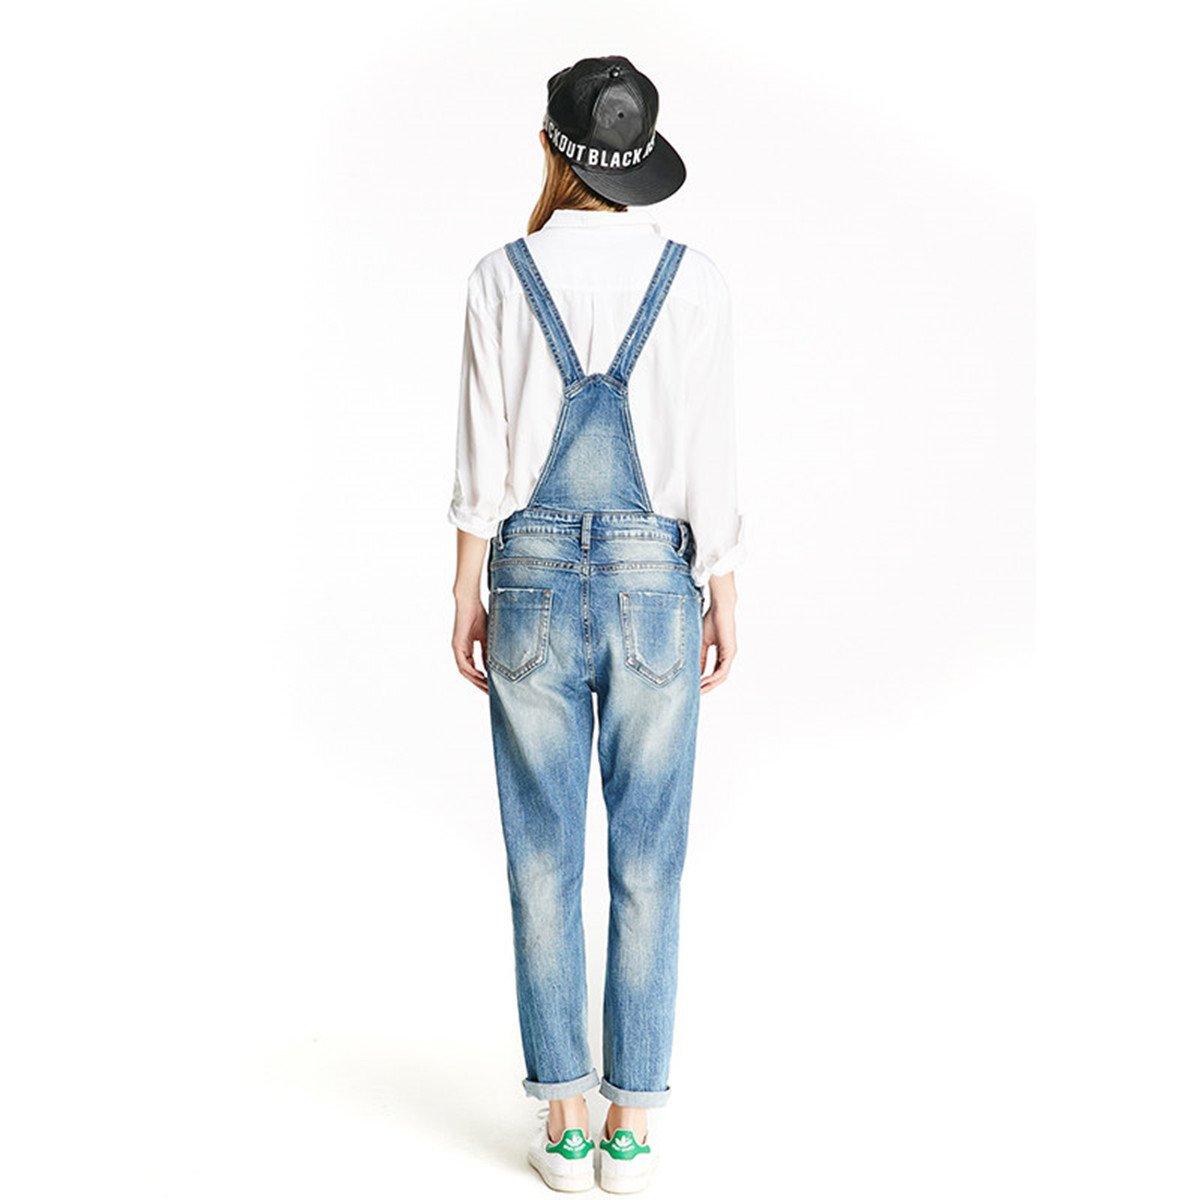 36ec395c70de Women Clothing Blue Jeans Denim Overalls - Denim Fit